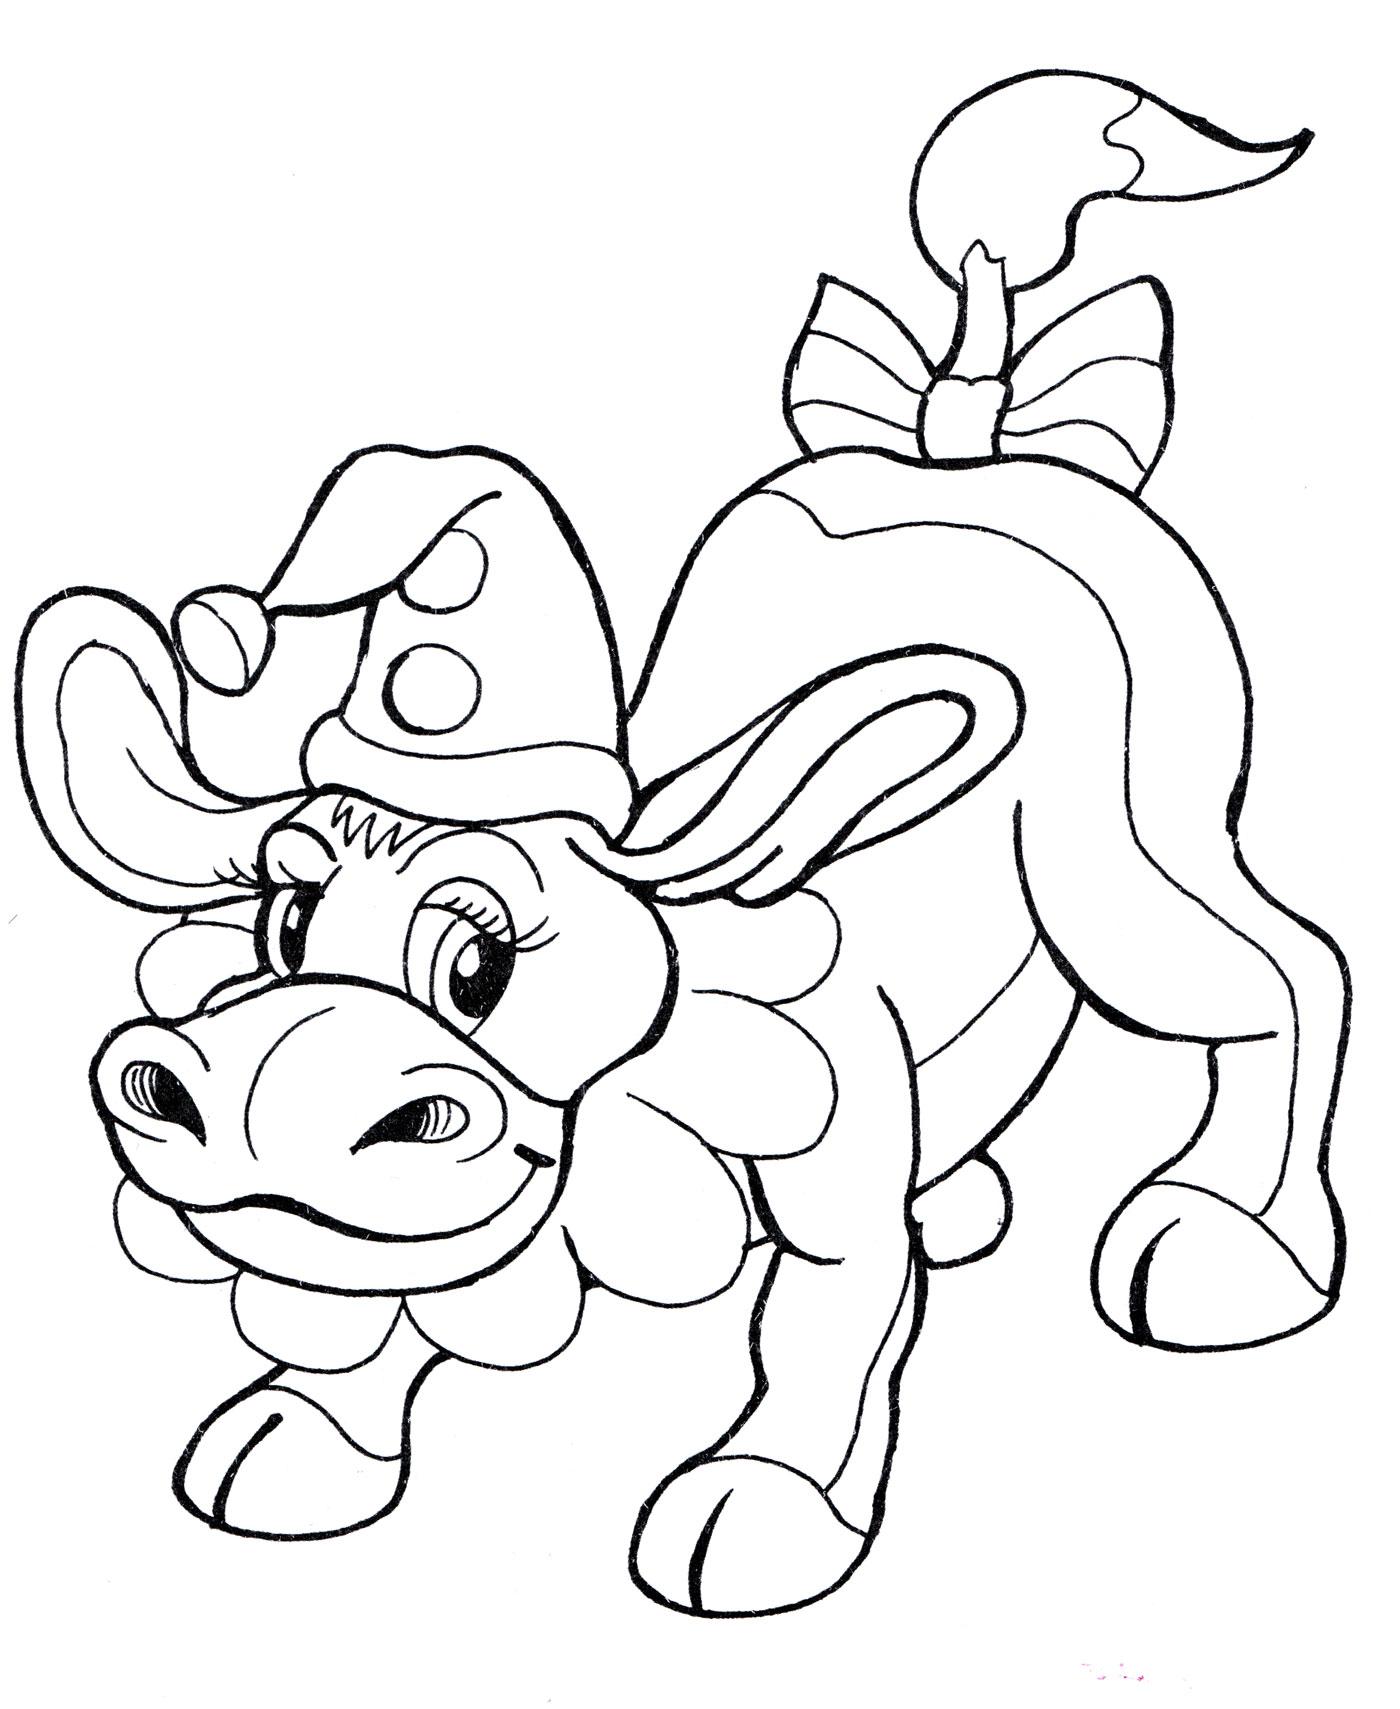 Раскраска Корова в колпаке - распечатать бесплатно